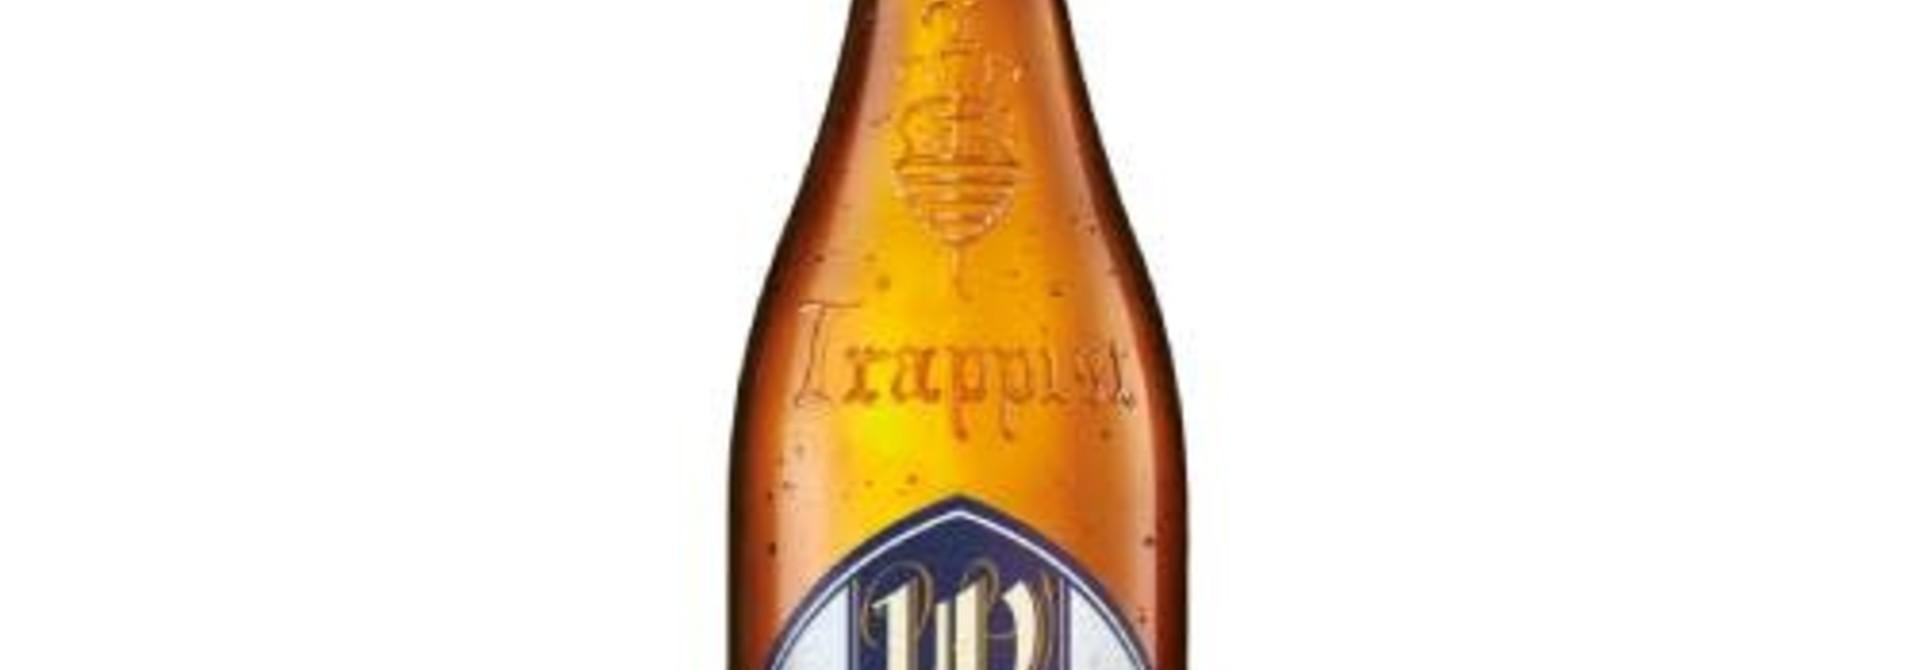 LA TRAPPE WIT 75CL